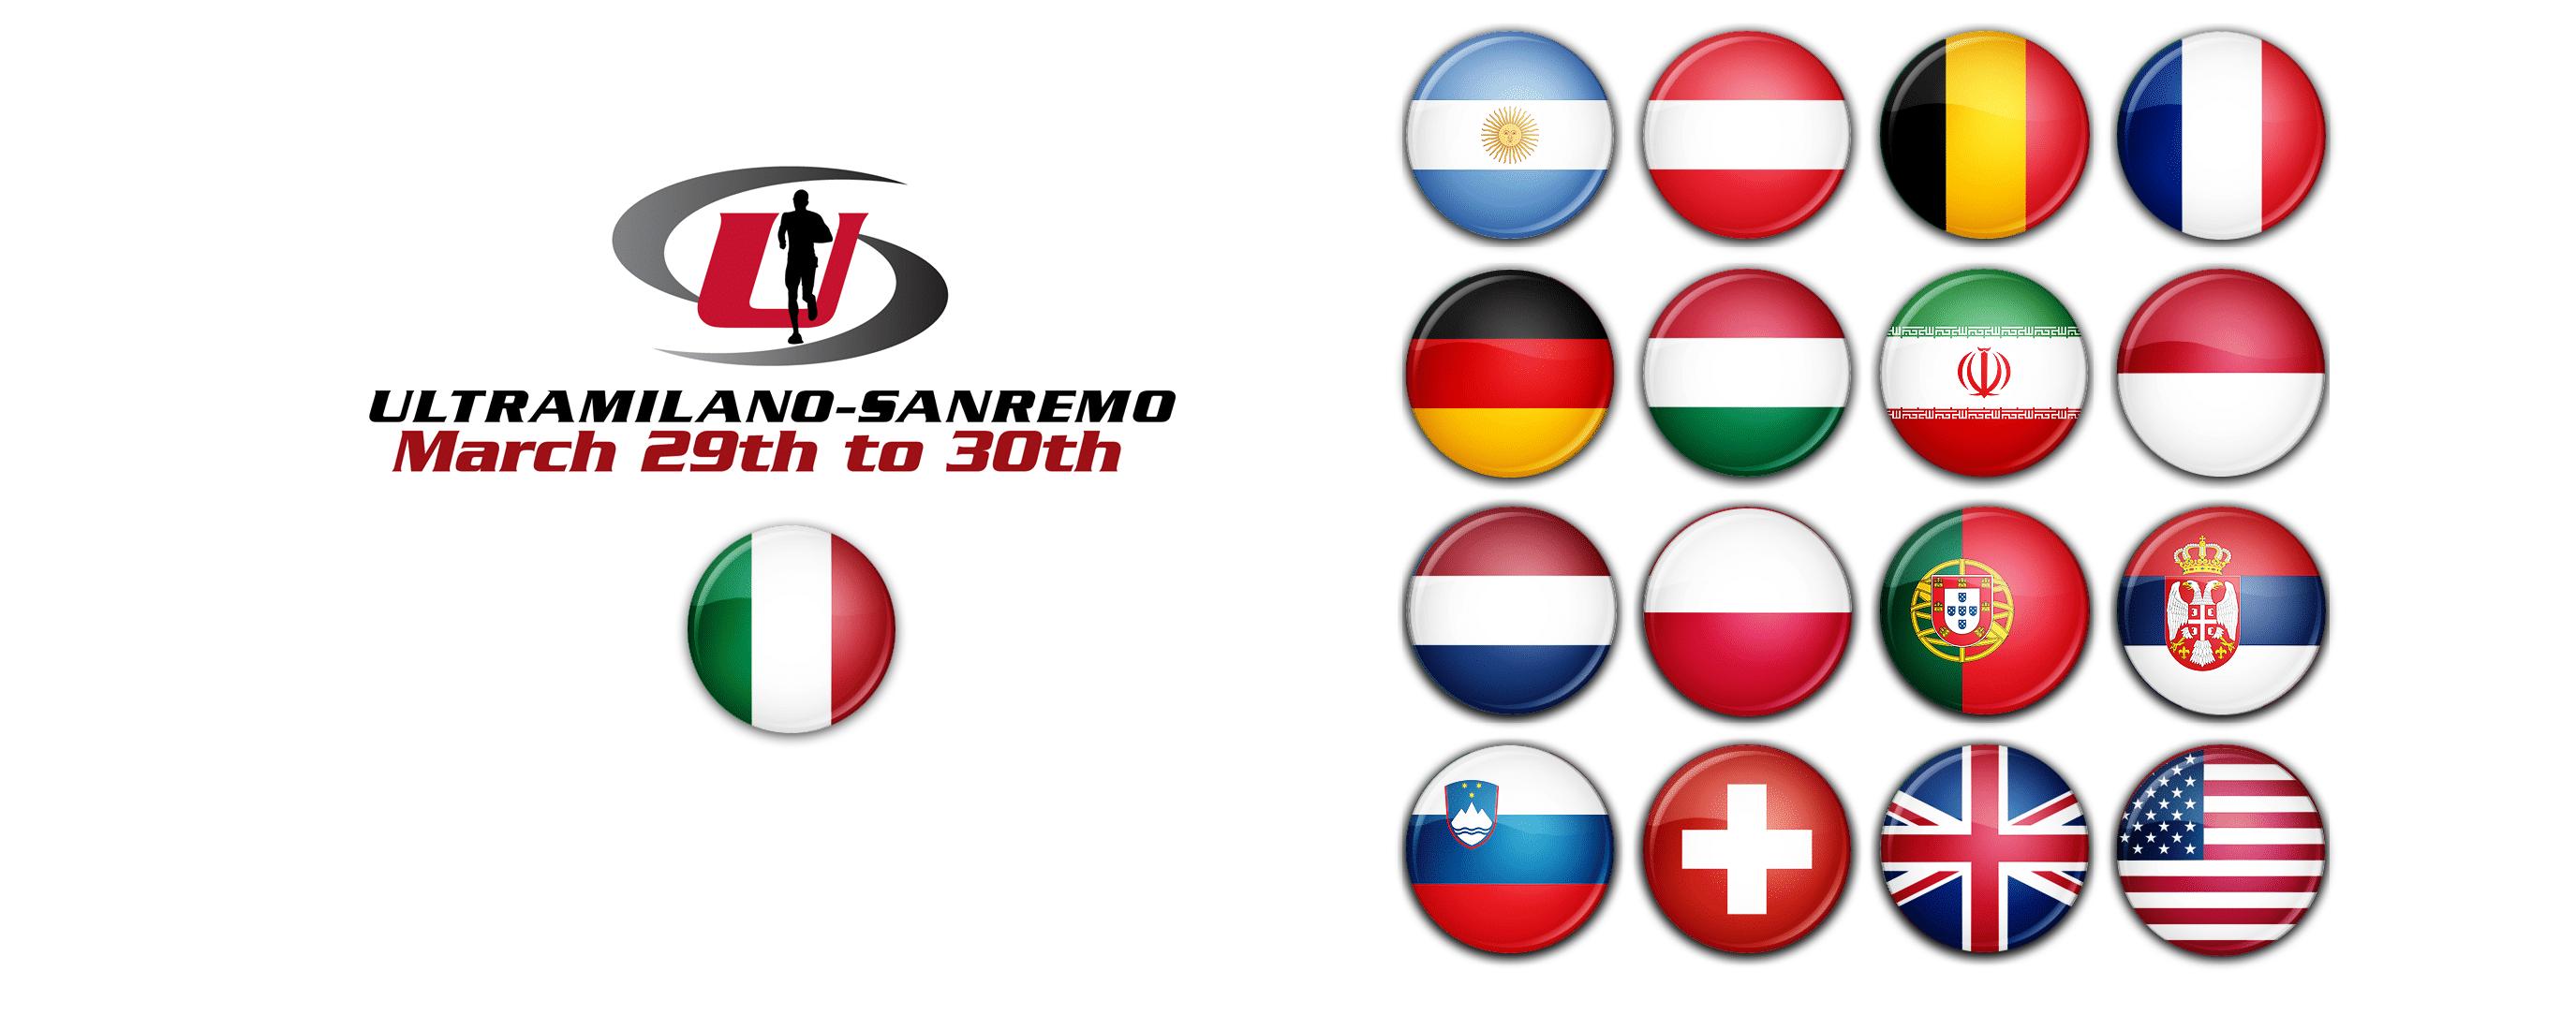 A partire dal 29 e 30 marzo 2014, con la Prima Edizione della UltraMilano-Sanremo, il mondo della ultramaratona si arricchirà di un inedito e importantissimo capitolo.